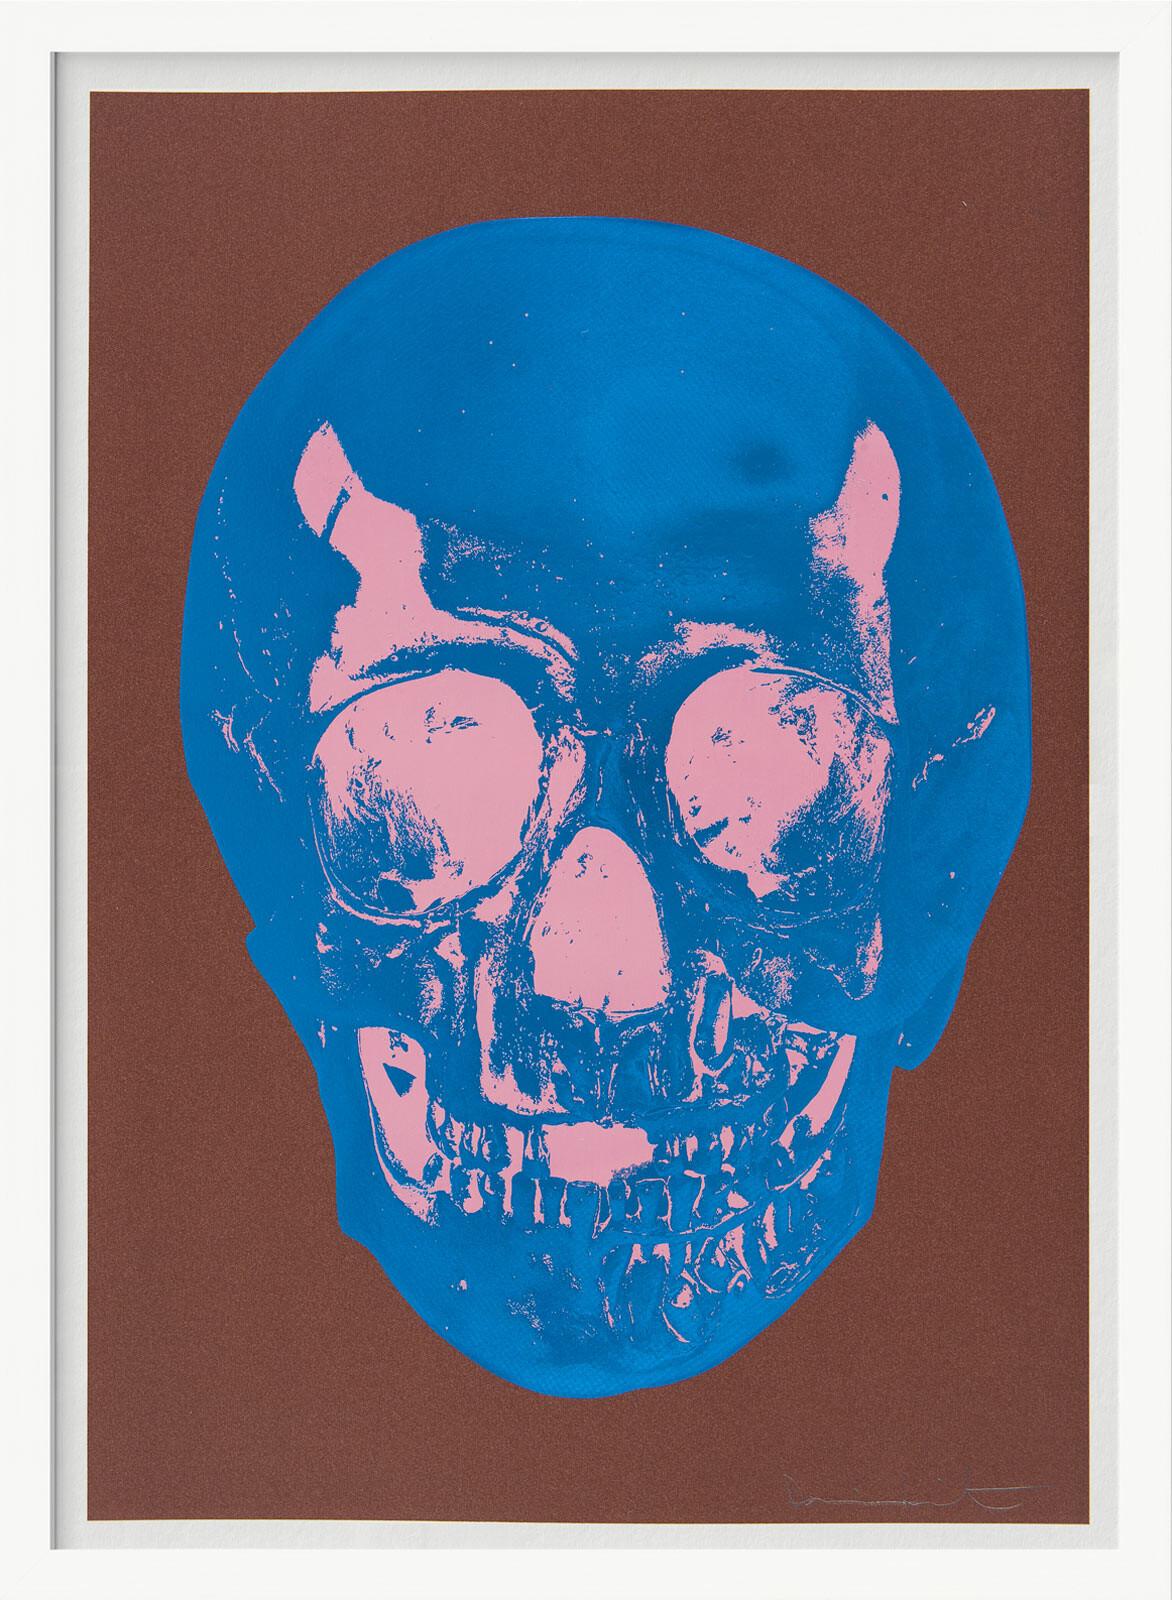 Till Death Do Us Part - Milk - Chocolate Brown True Blue Bubblegum Pink Skull - Damien Hirst